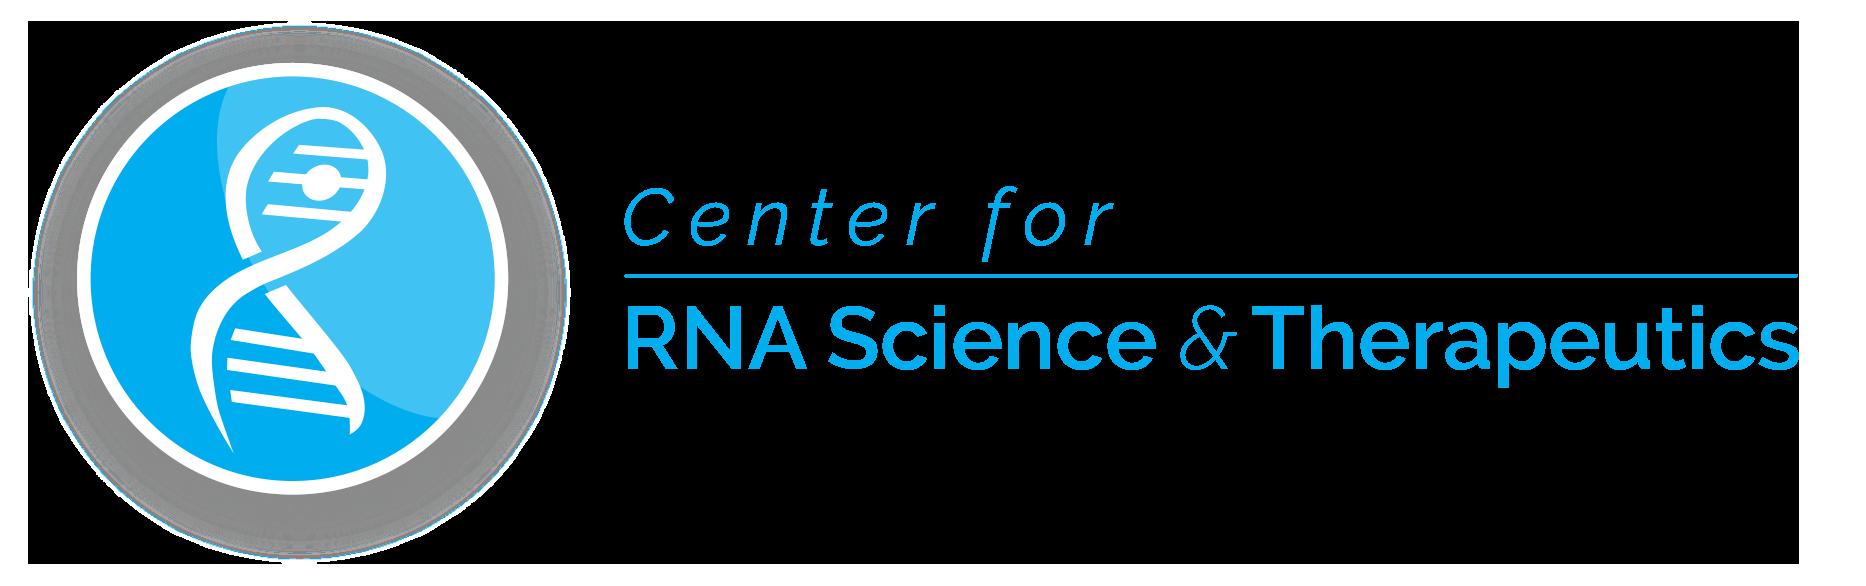 RNAcenter-logo-large.png